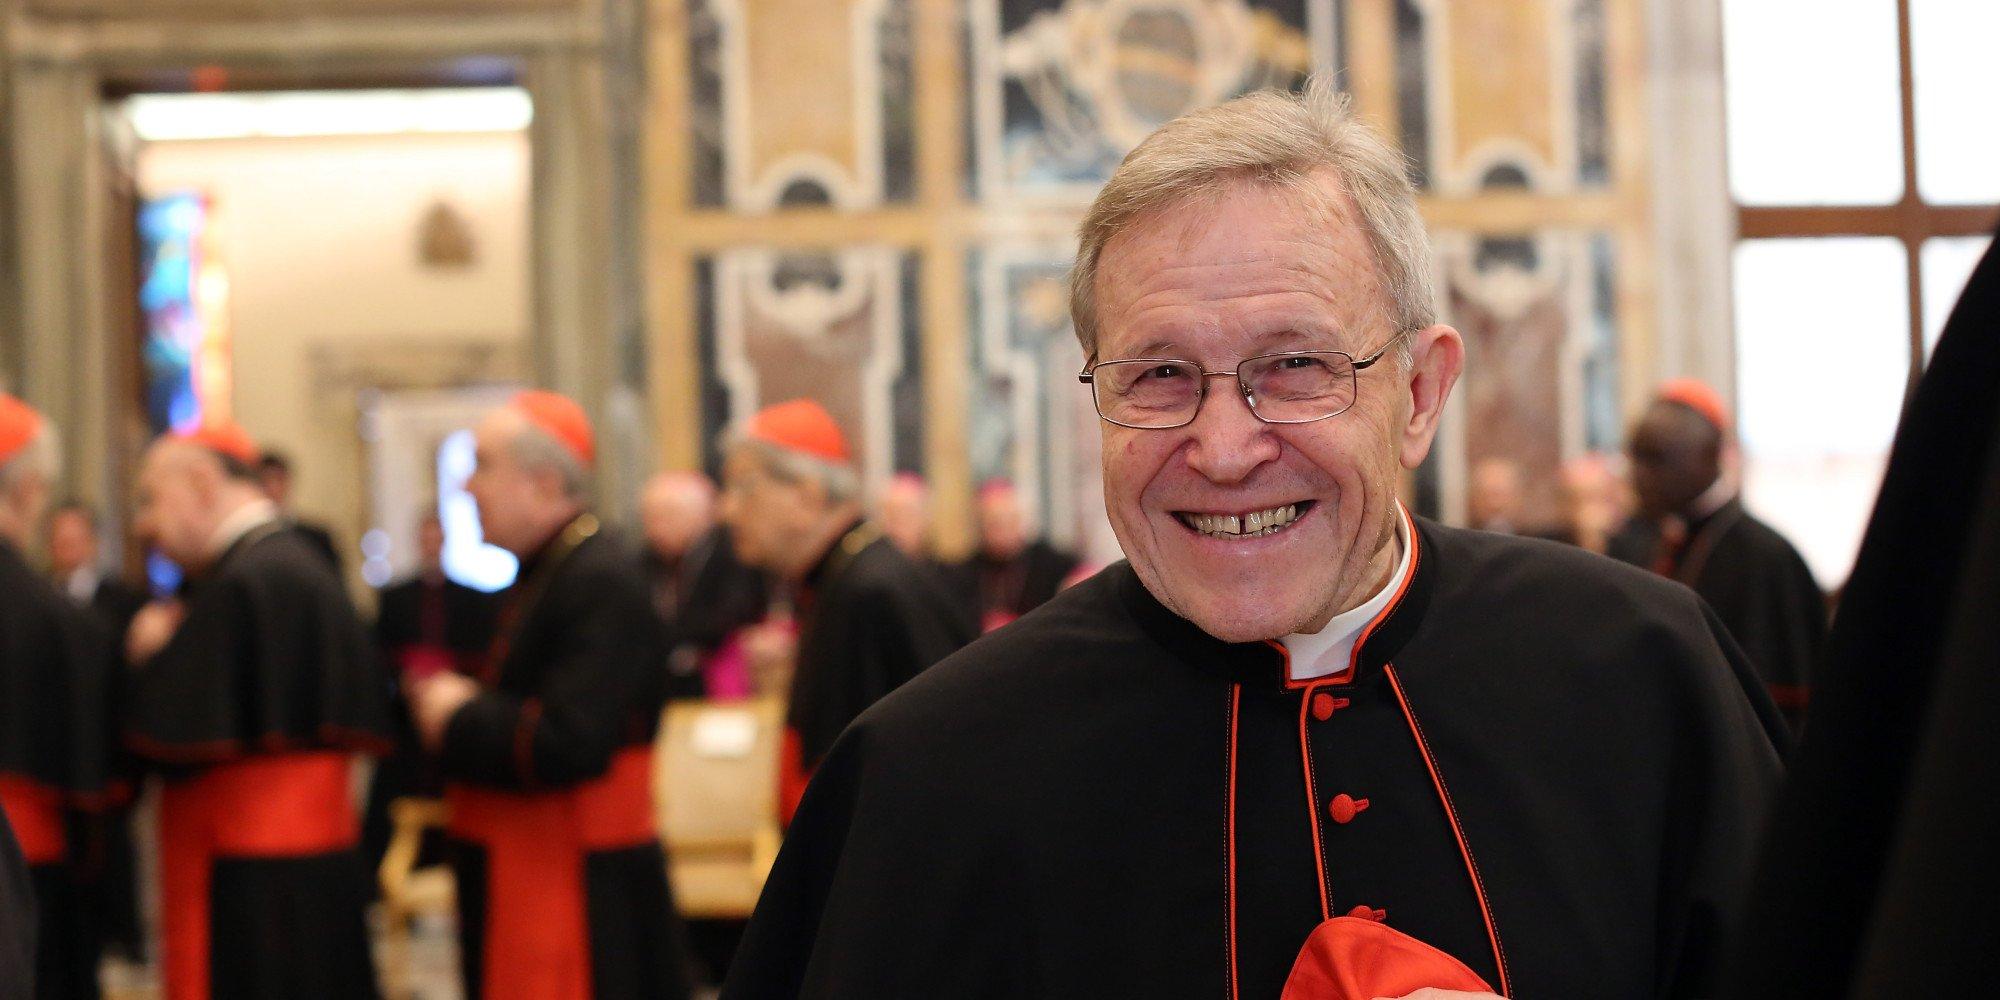 """Cardenal Kasper: """"El lenguaje de Amoris Laetitia es tan claro que todo cristiano lo puede entender"""""""